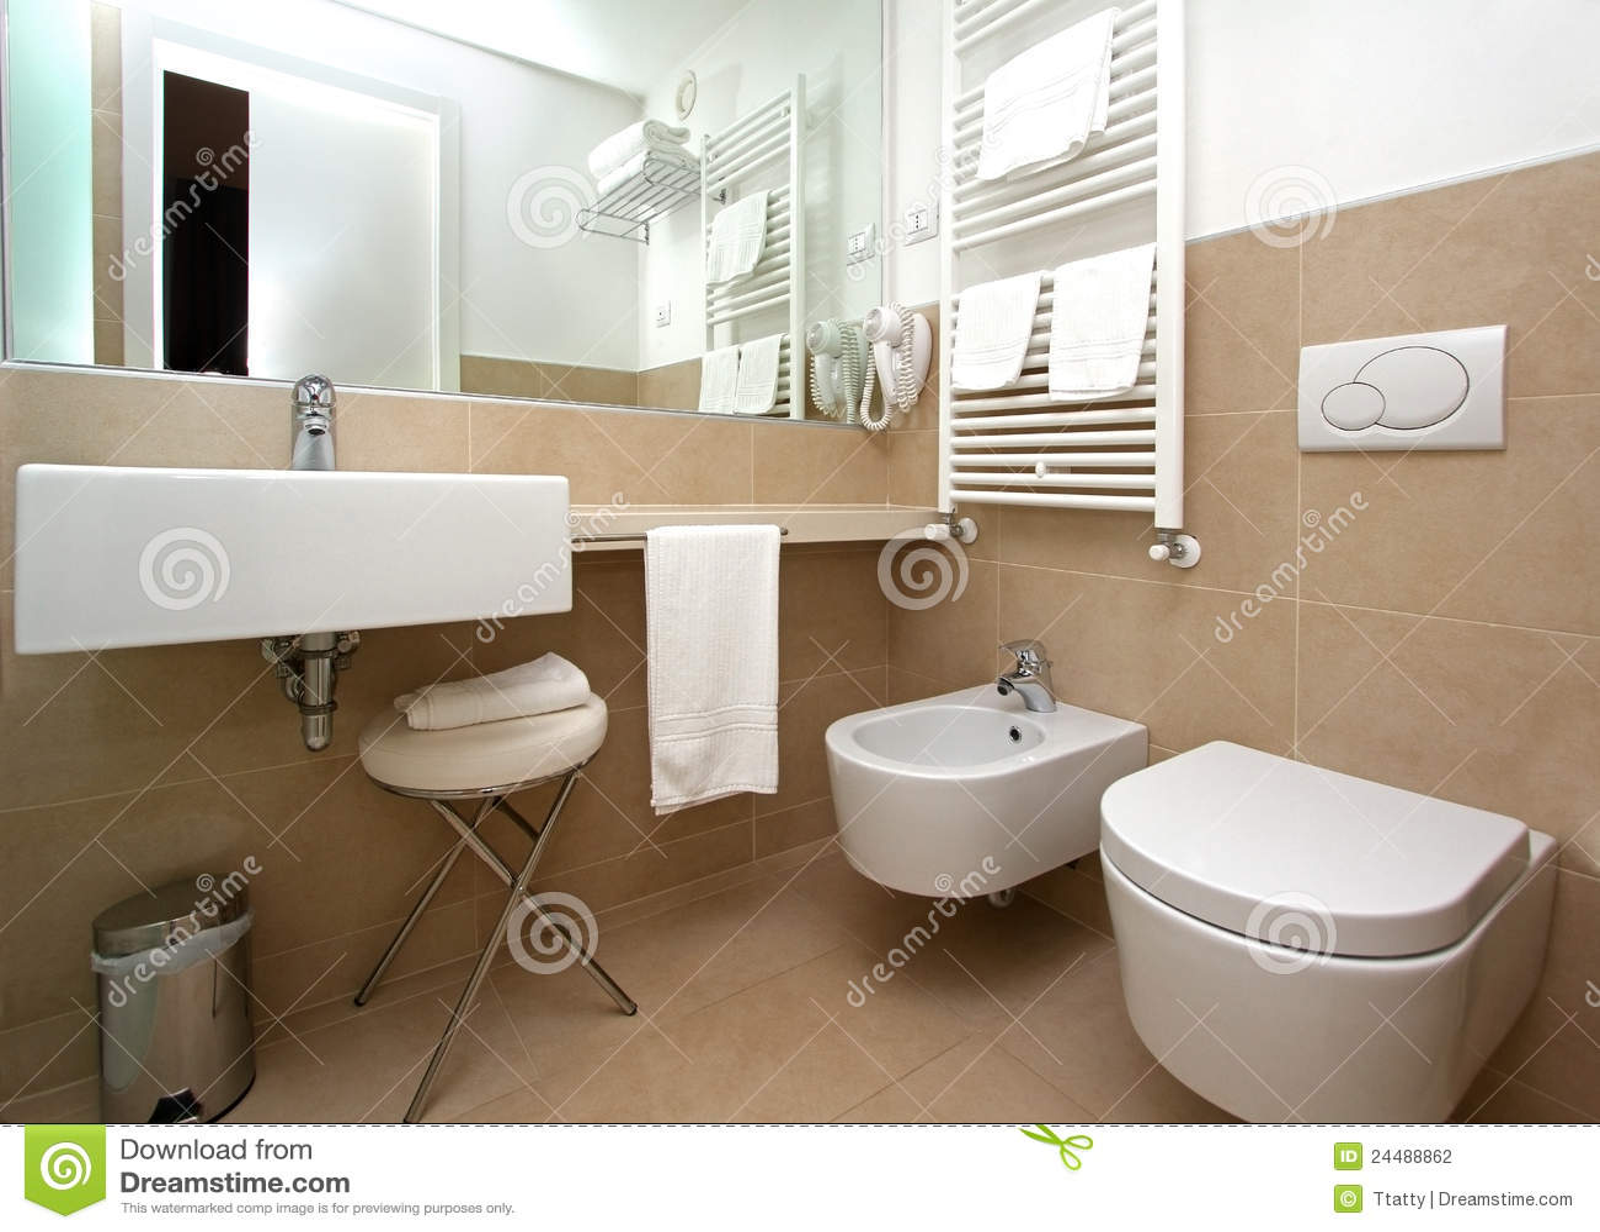 Banheiro Bege Moderno Fotografia de Stock Imagem: 24488862 #82A328 1300x1018 Banheiro Bege Fotos